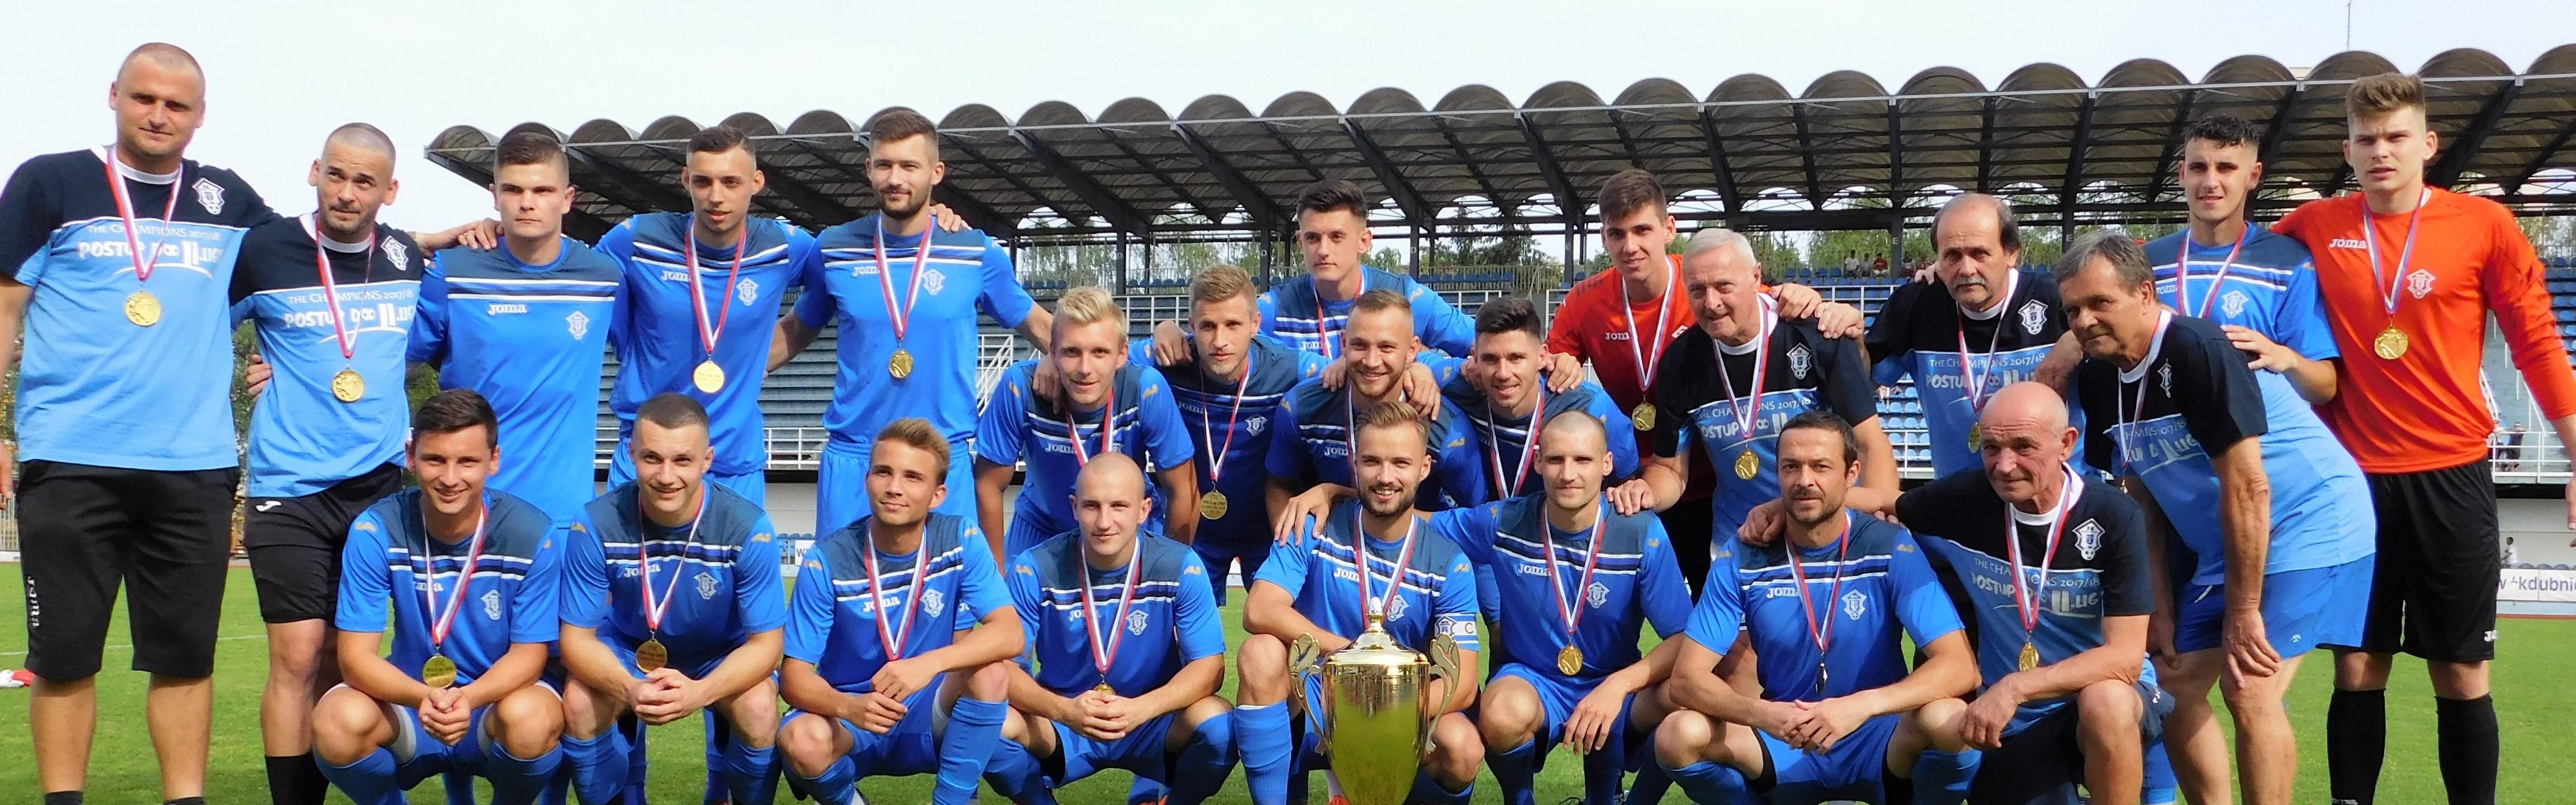 III. liga ZsFZ: Dubnica nad Váhom sa cez víkend rozlúčila s najvyššou regionálnou súťažou